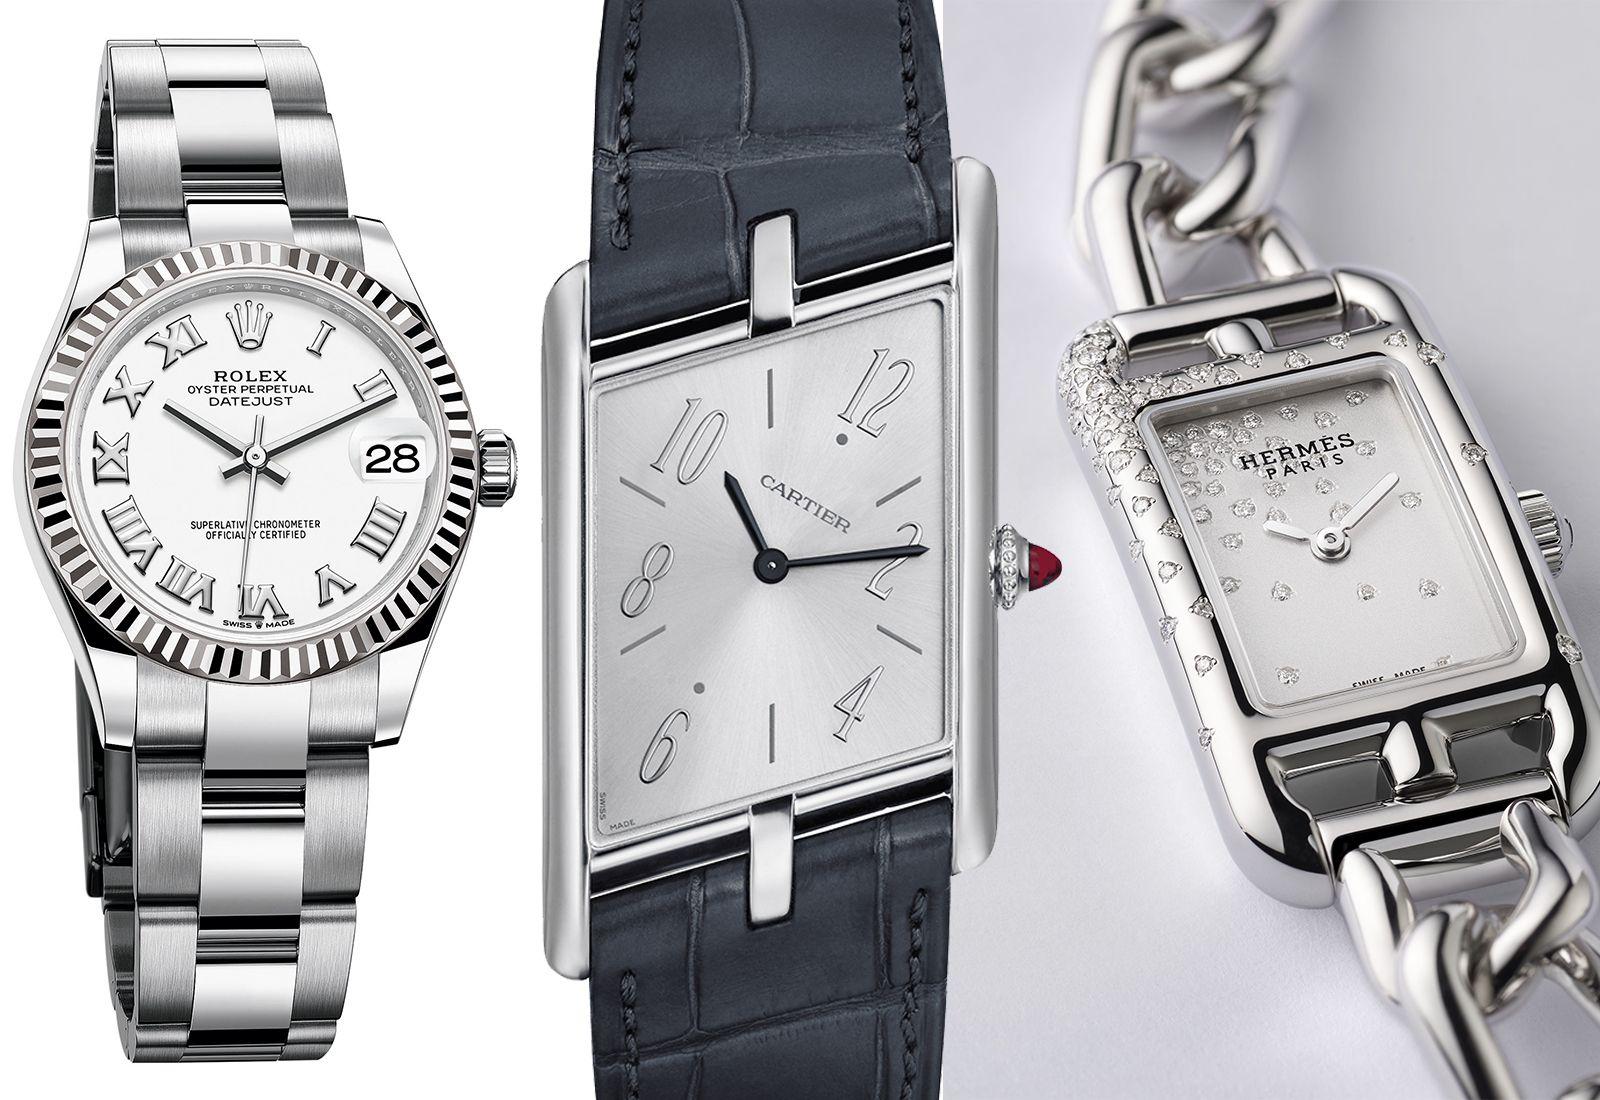 2021 Pantone年度代表色「極致灰」腕錶推薦!新的一年用正向積極態度迎接每一個重要時刻